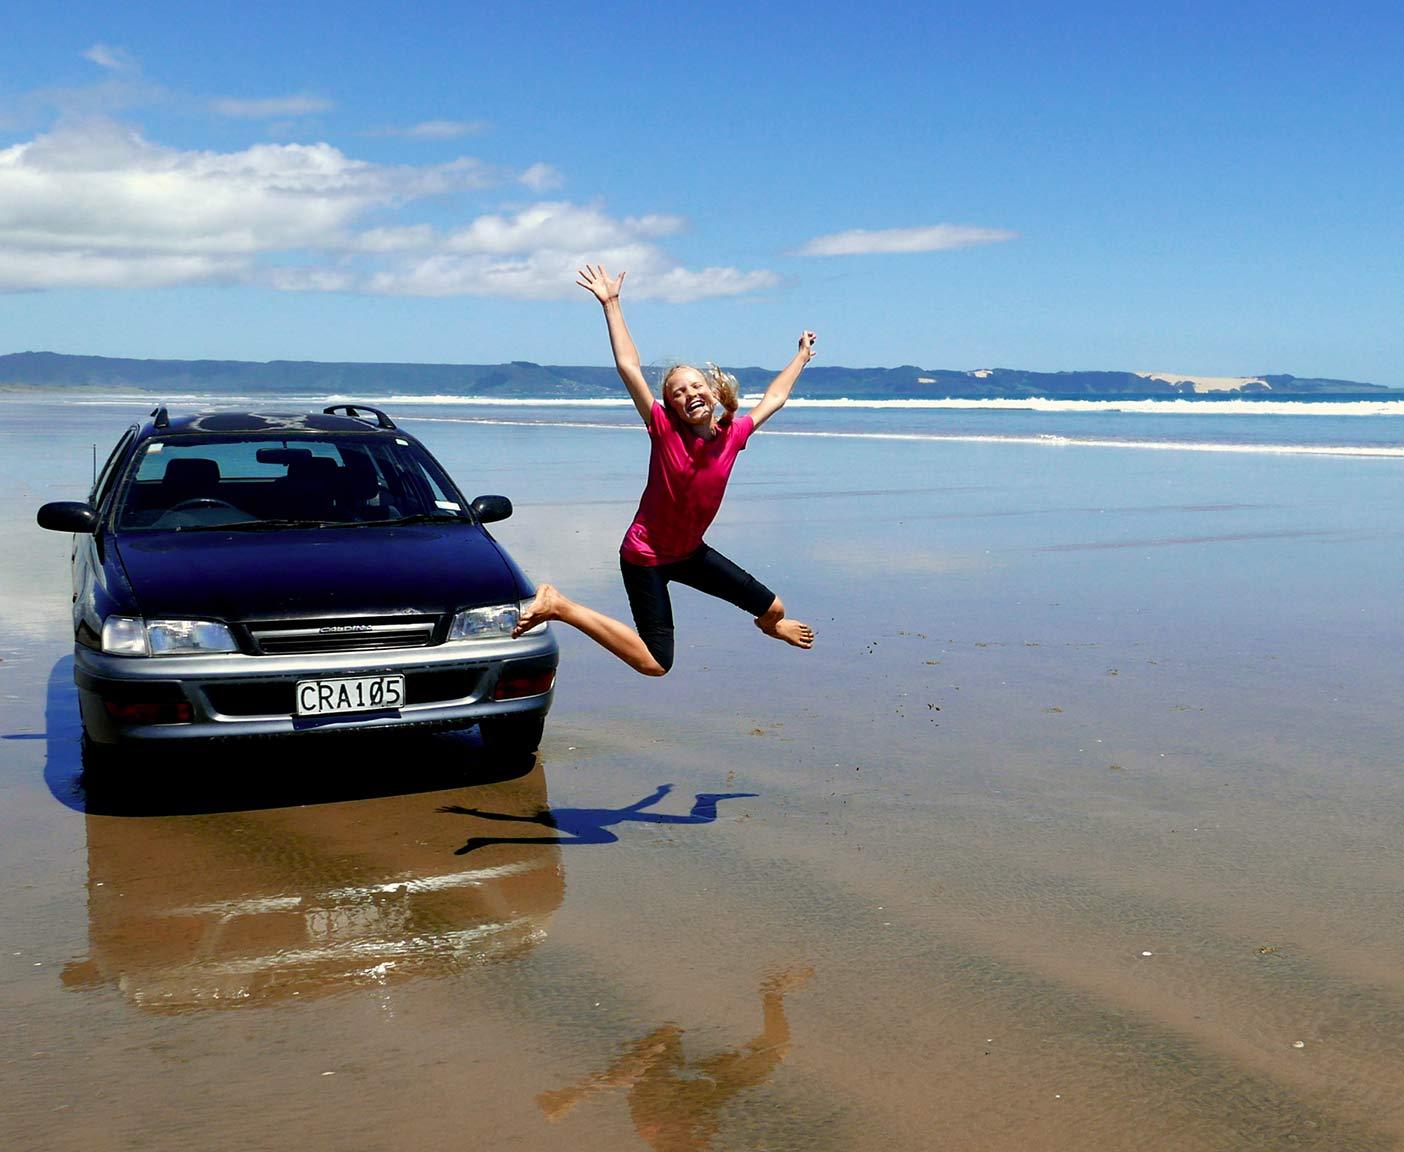 New-Zealand-weltreise-mit-kind-schule-langzeitreise